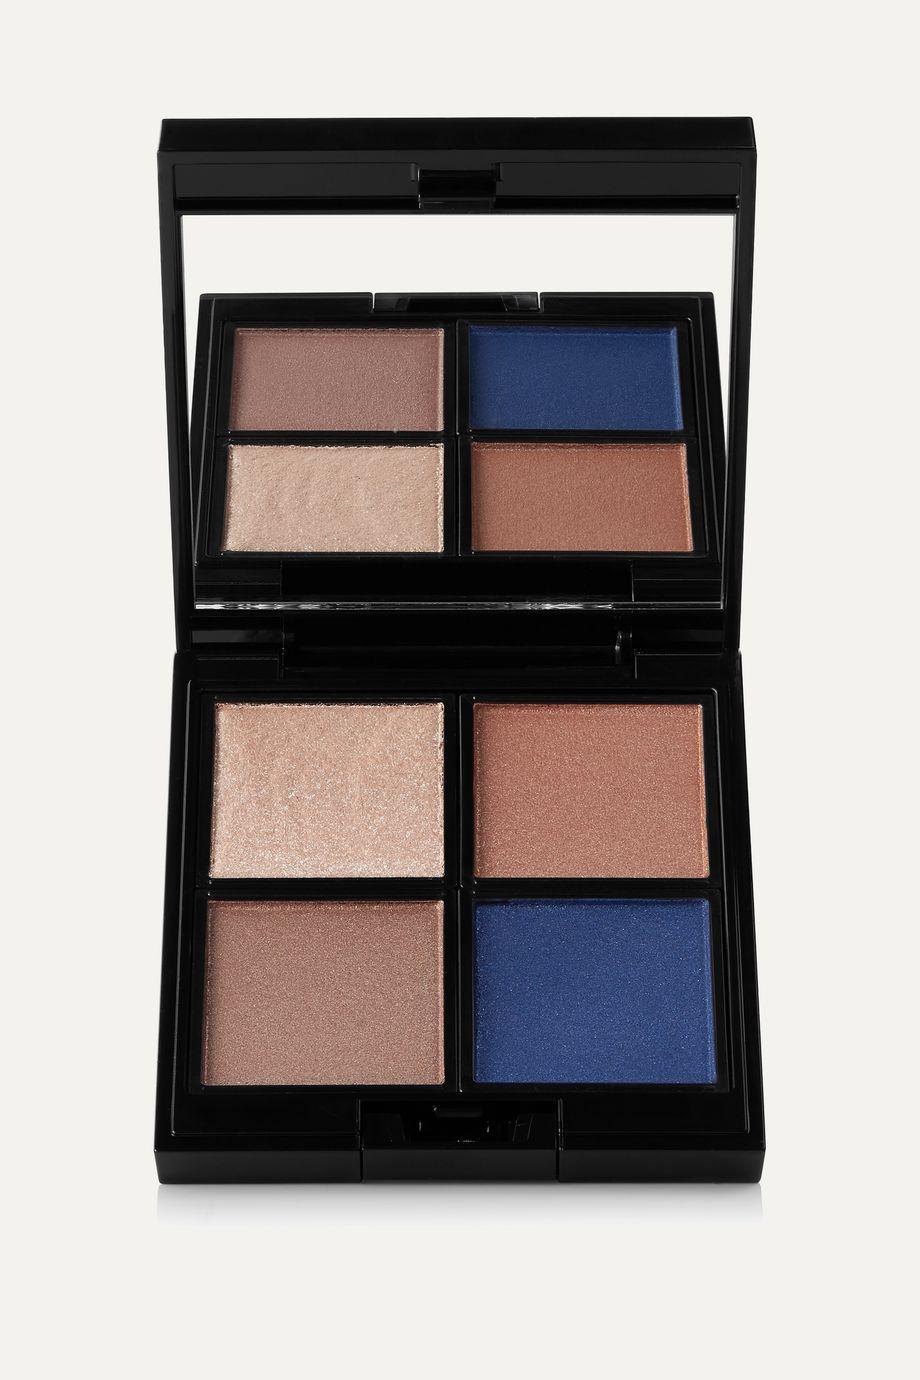 Surratt Beauty Color Me Blue Eyeshadow Palette